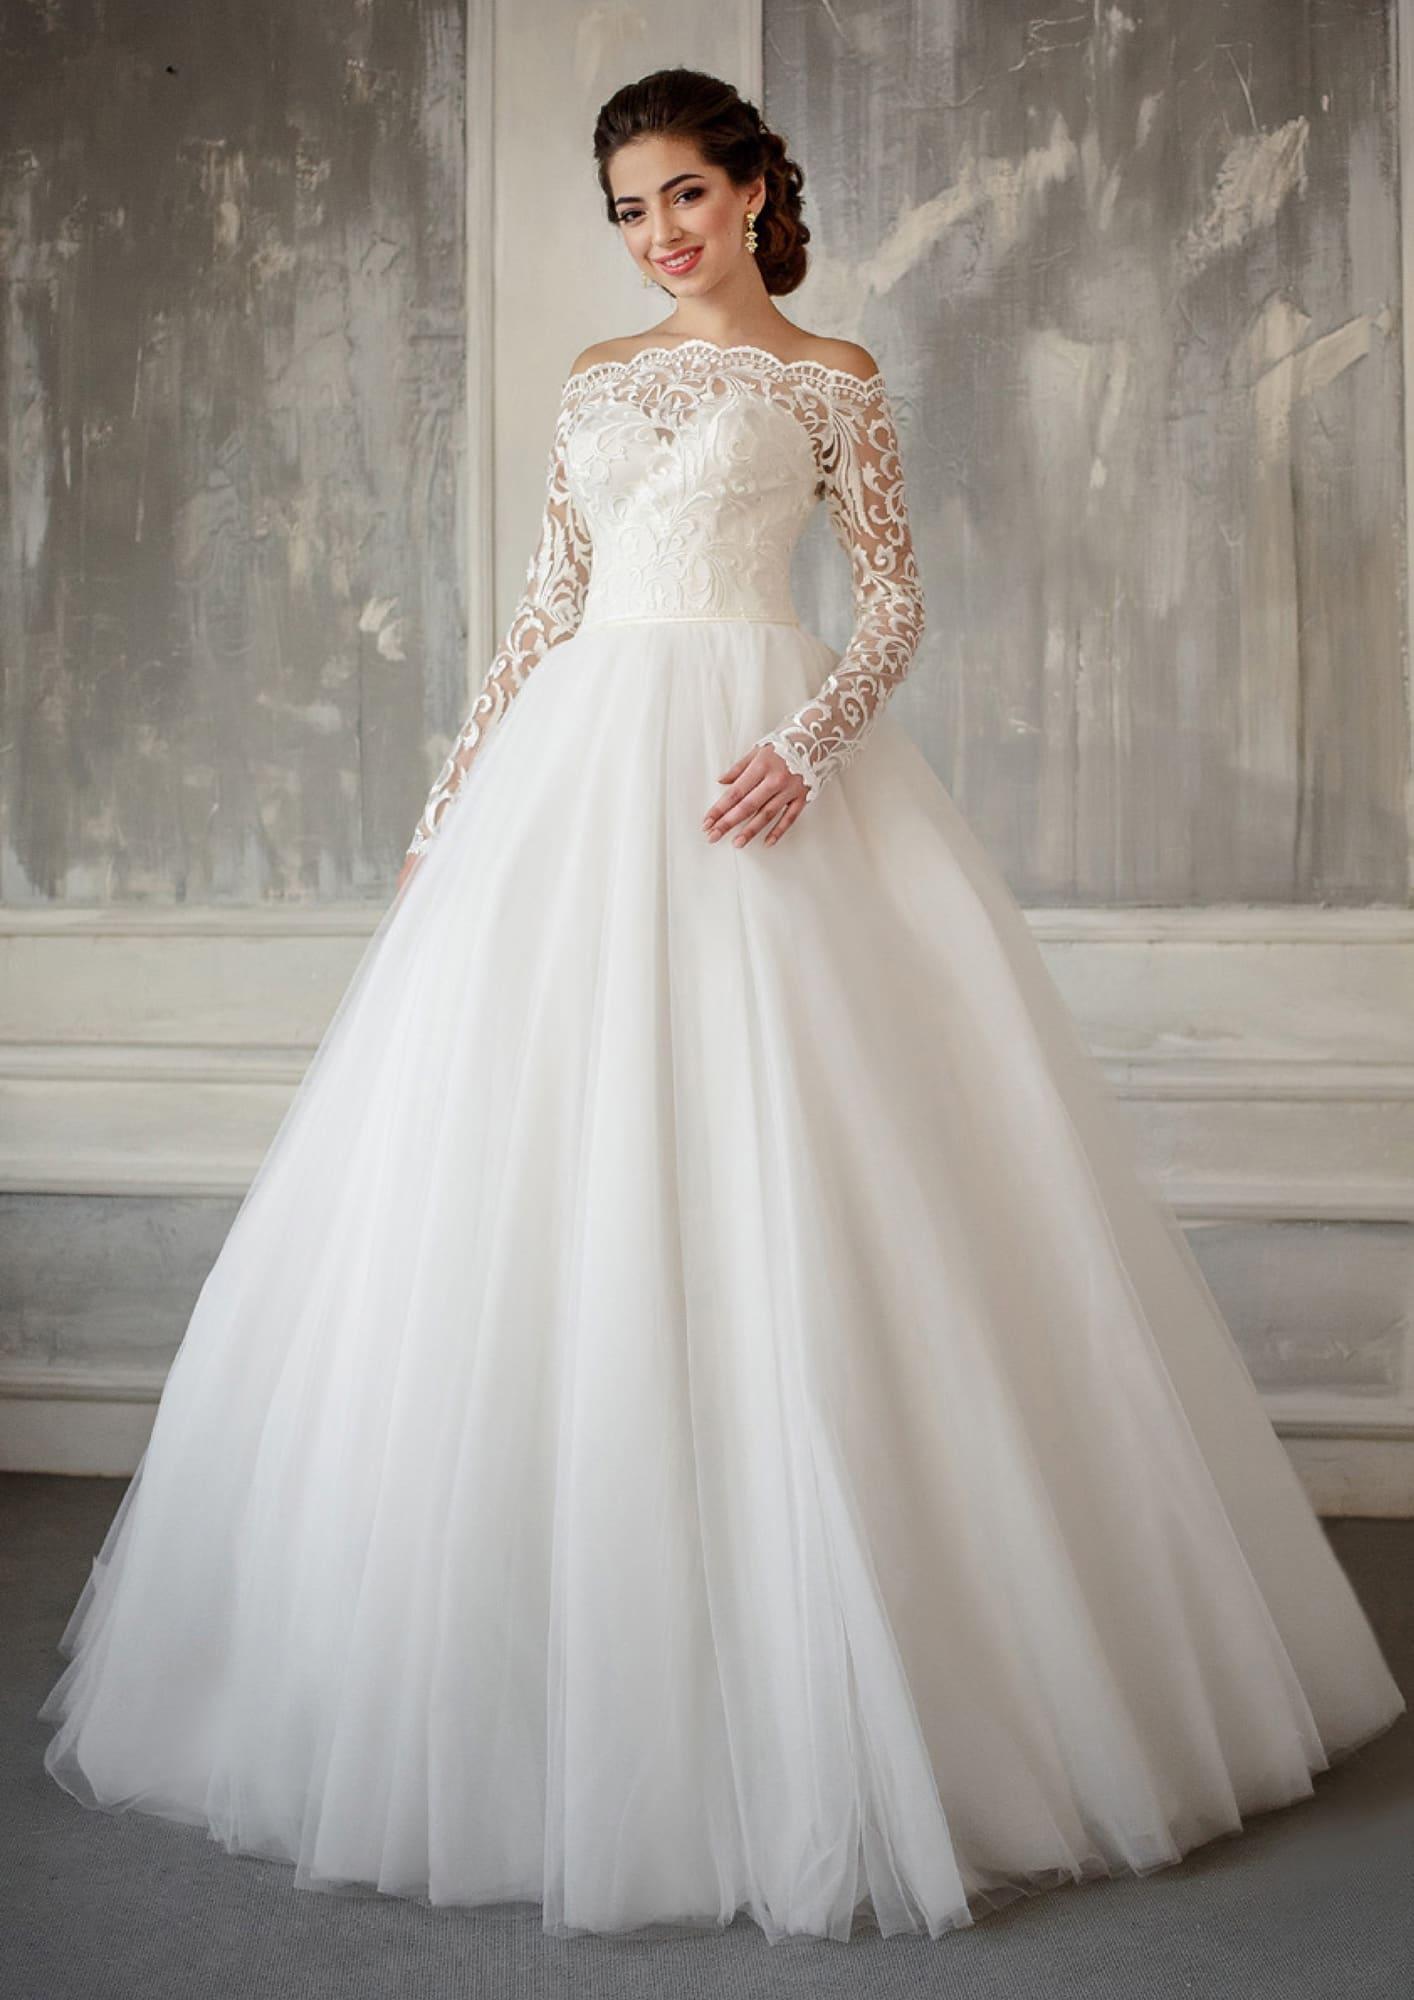 5601b04505ff762 Пышное свадебное платье с длинным кружевным рукавом и чувственно открытыми  плечами.